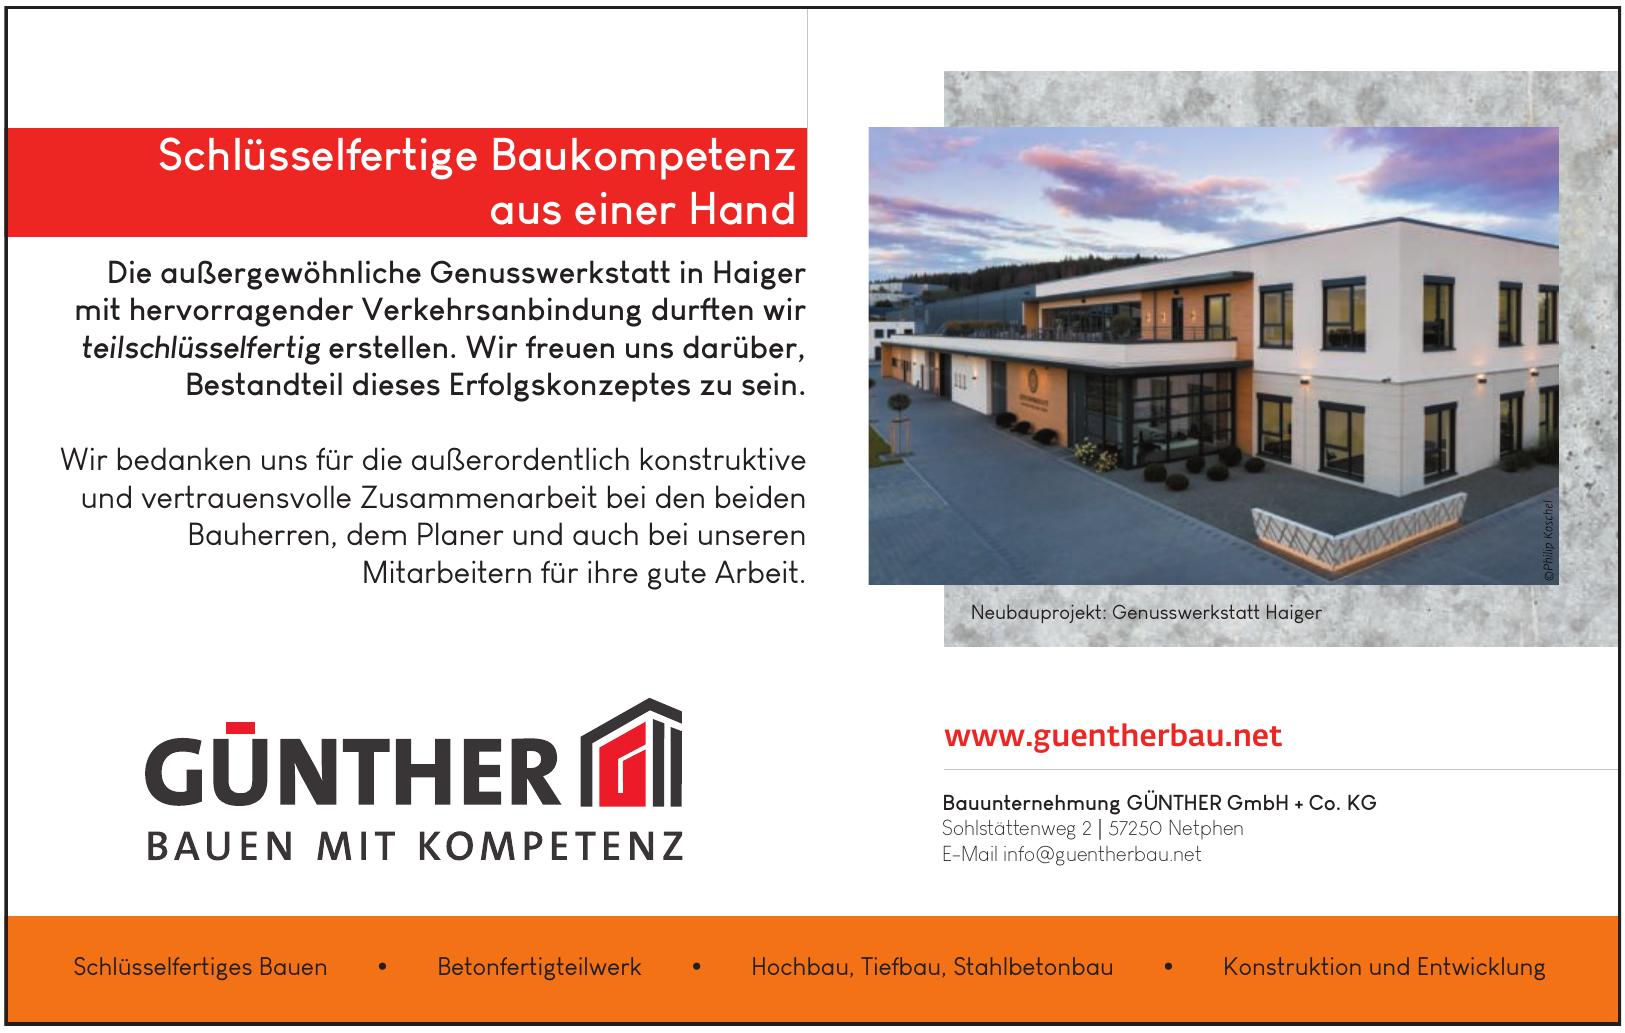 Bauunternehmung GÜNTHER GmbH + Co. KG